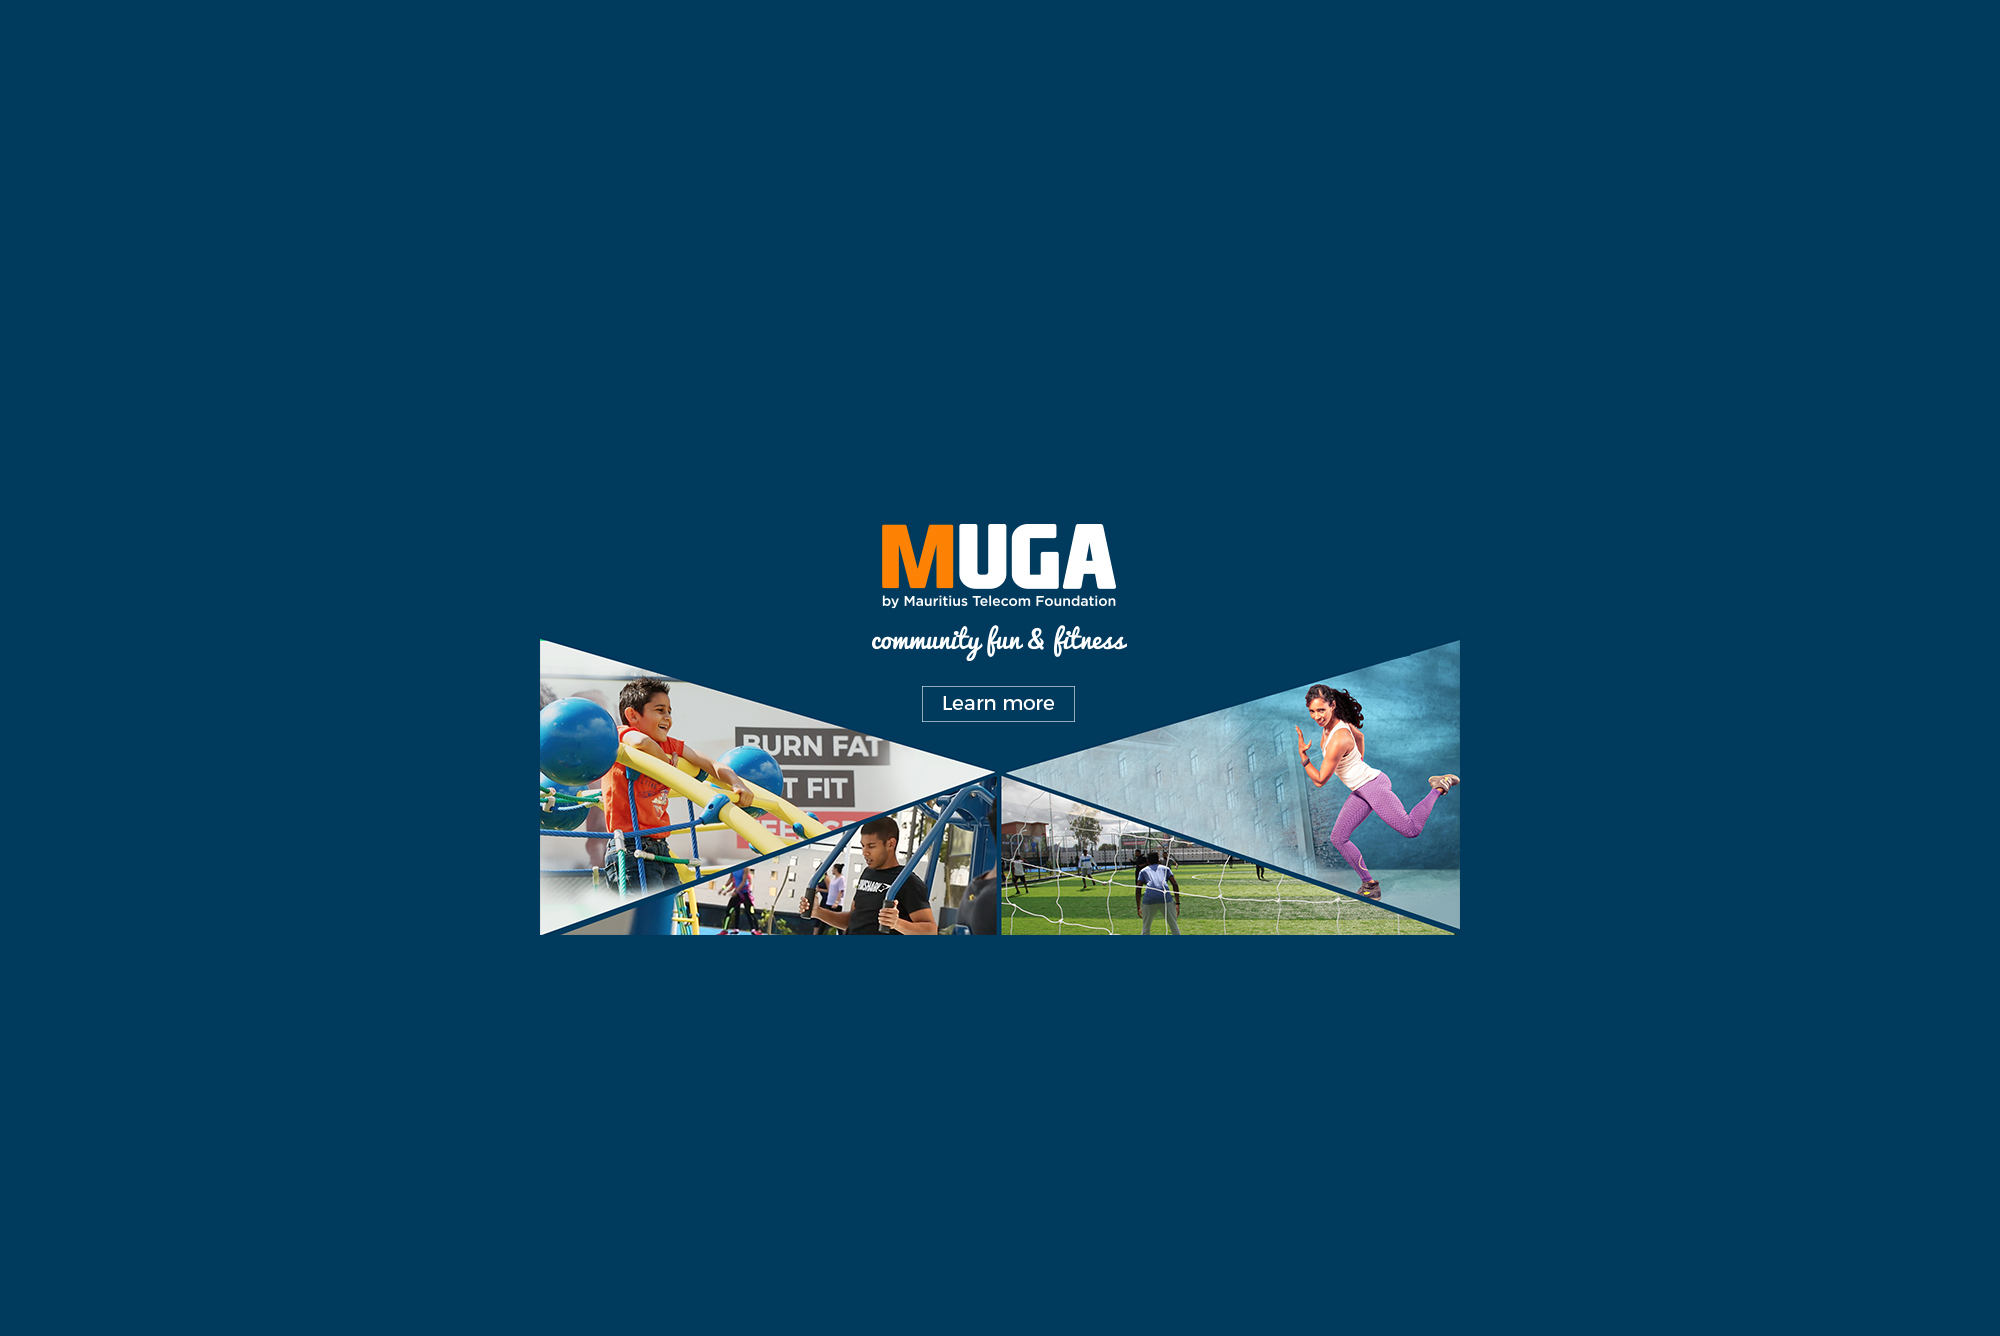 muga by mauritius telecom foundation